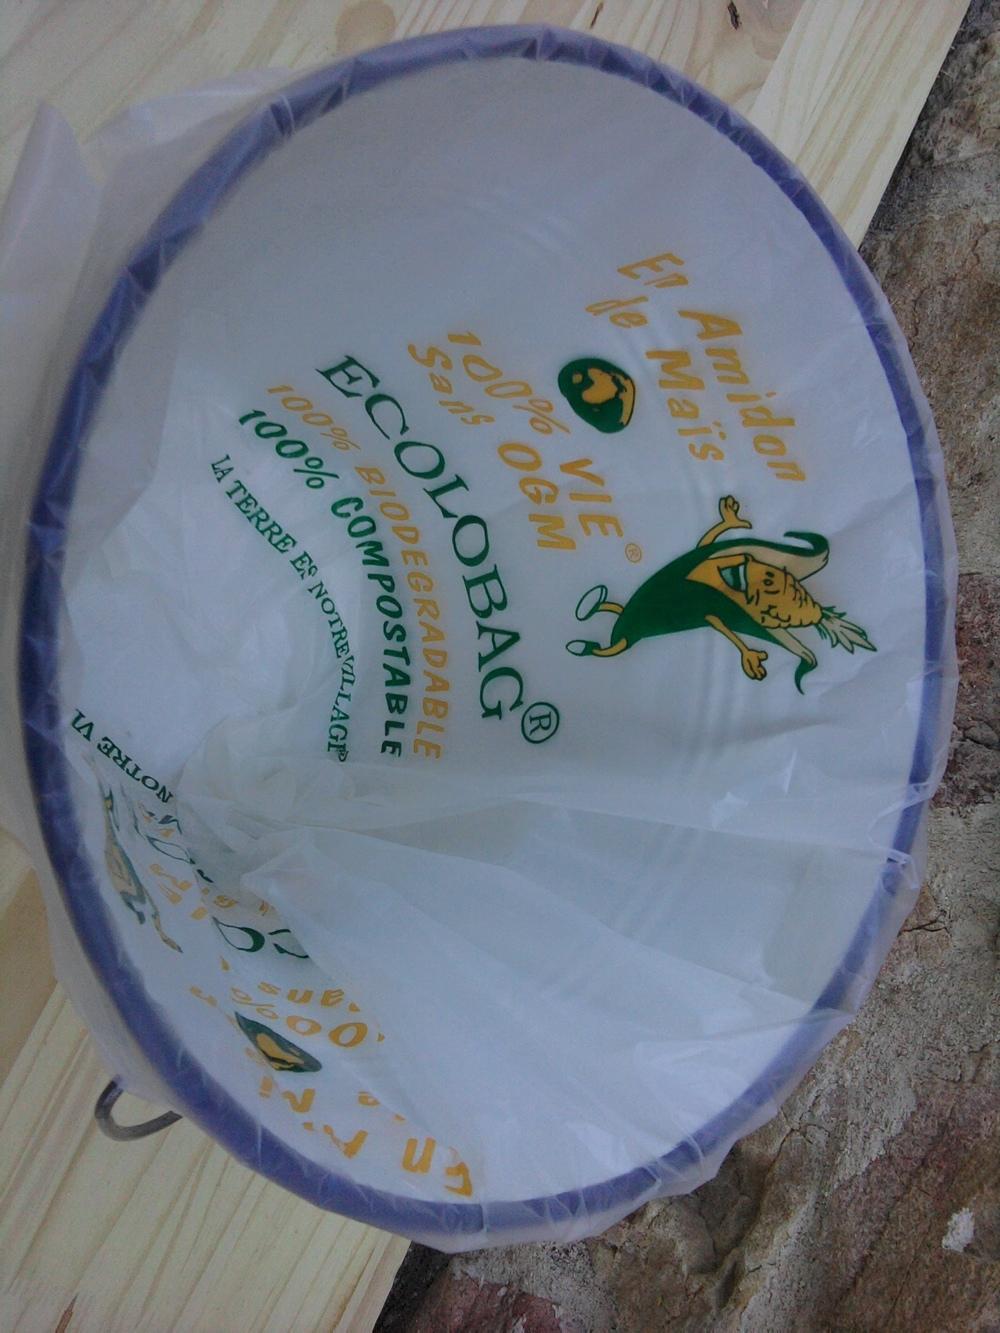 sacs poubelle compostables 35 litres pour toilette seche sac poubelle biod gradable toilettes. Black Bedroom Furniture Sets. Home Design Ideas